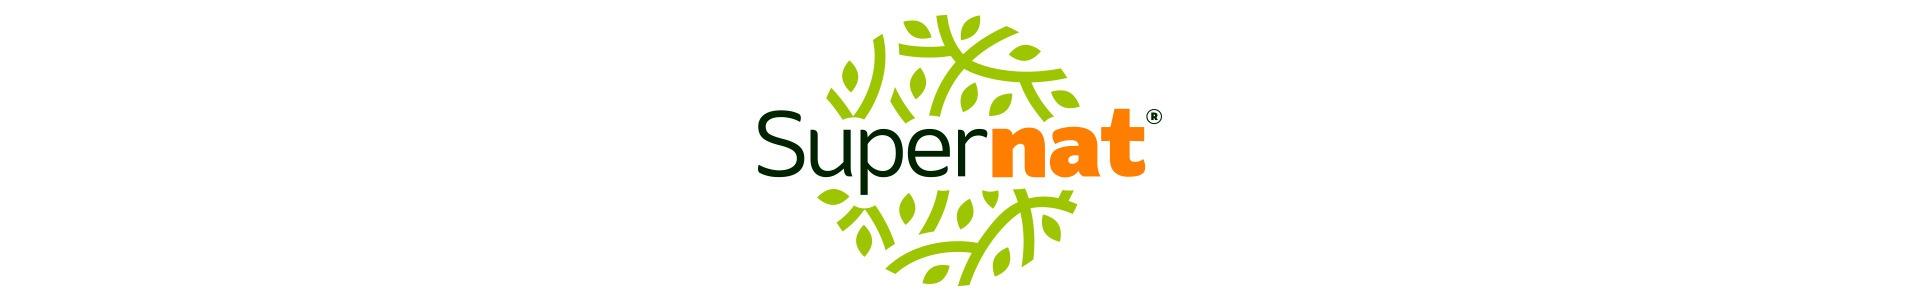 Super-nat-banner